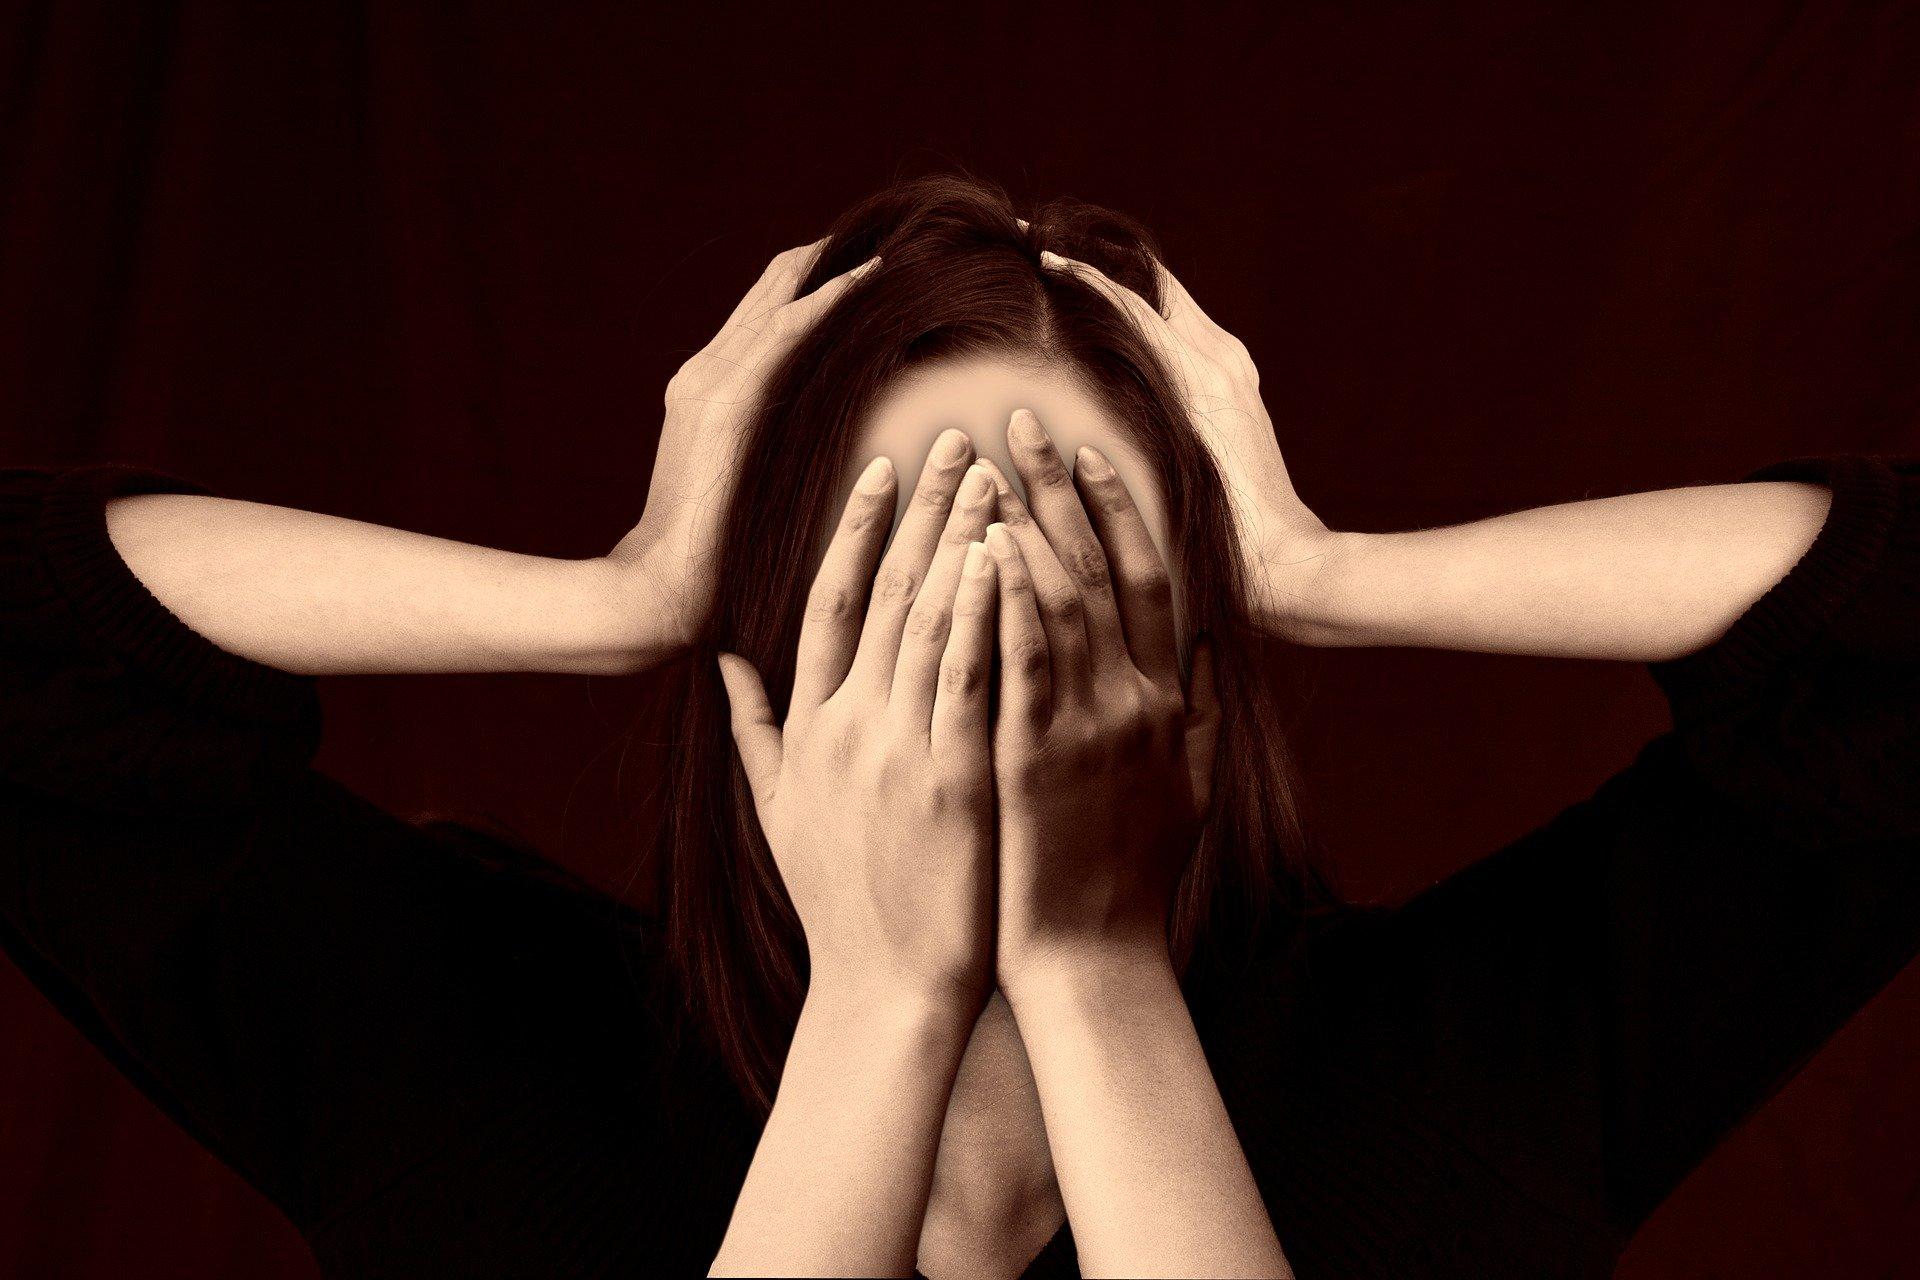 Kuvassa nainen, joka on peittänyt kasvonsa käsillään. Toiset kädet puristavat hänen päätään.